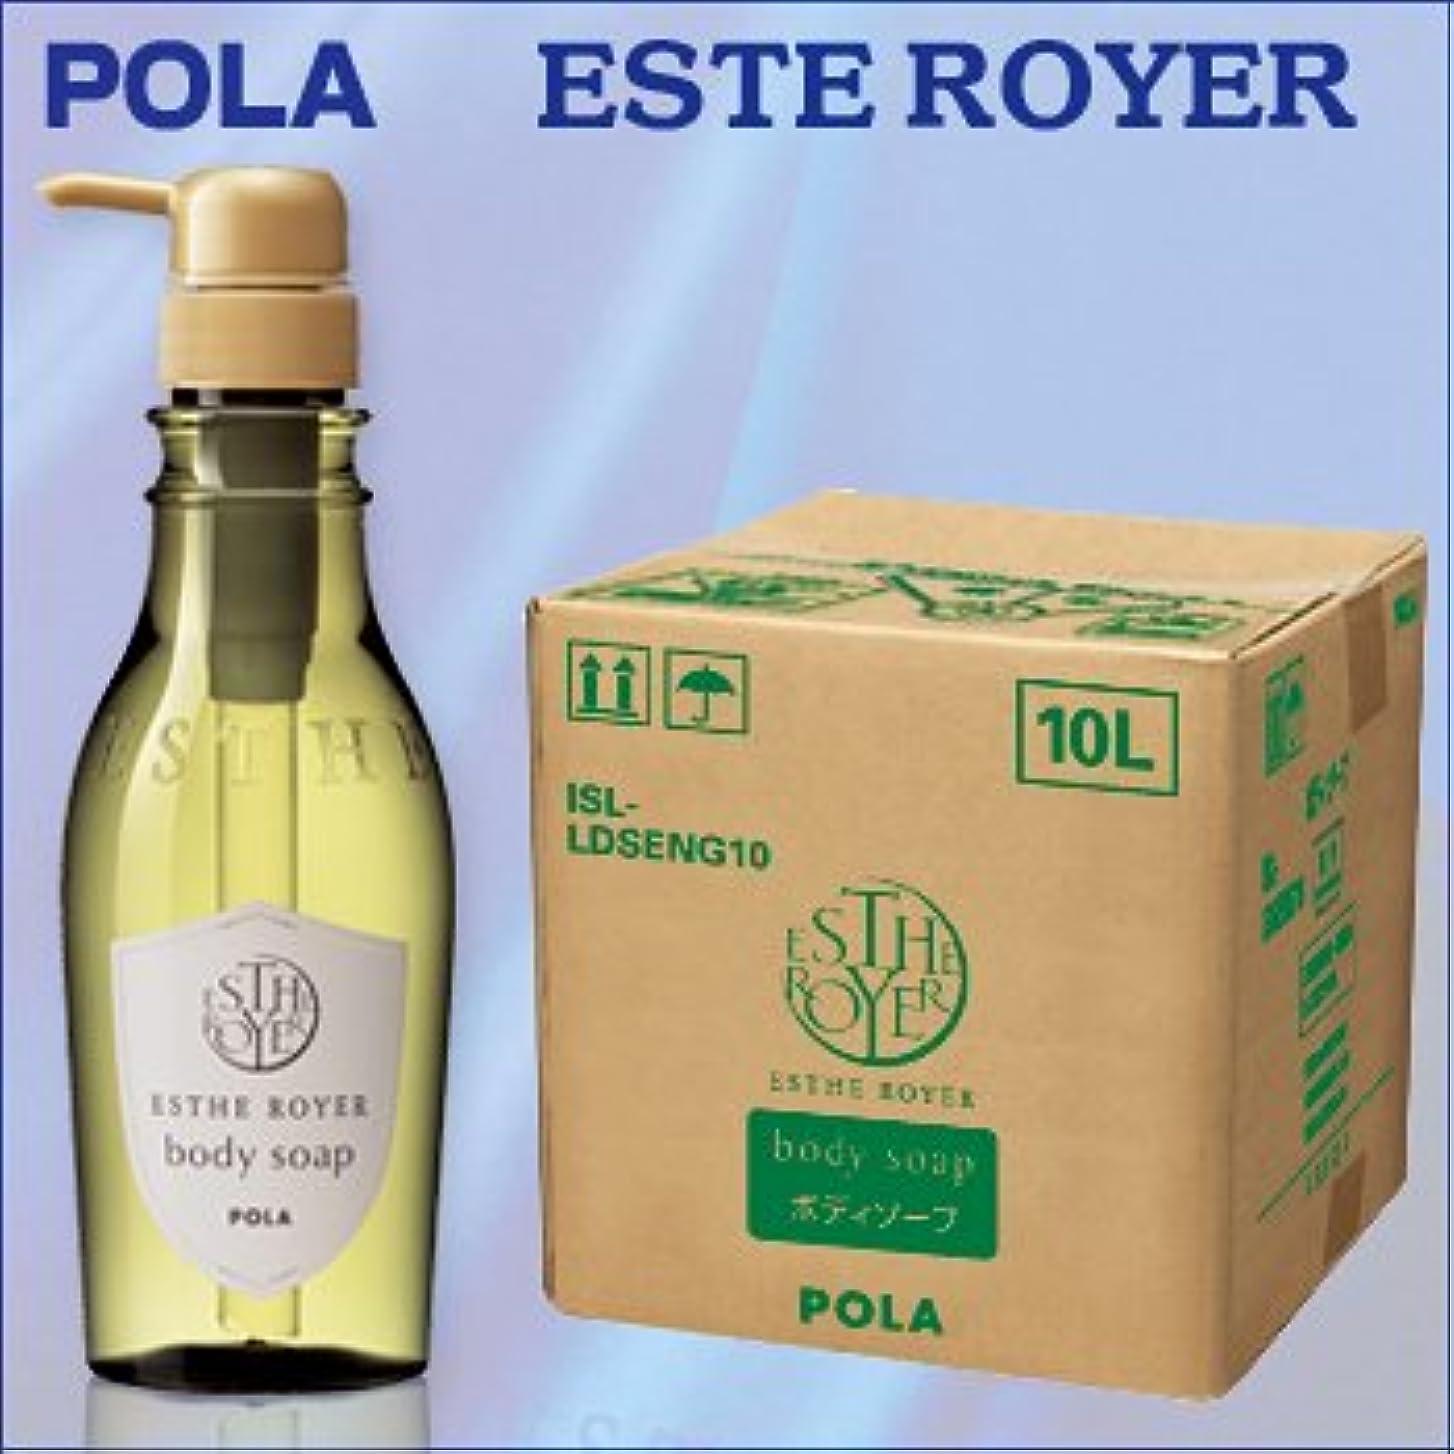 新鮮な新鮮な封建POLA エステロワイエ 業務用 ボディソープ 10L